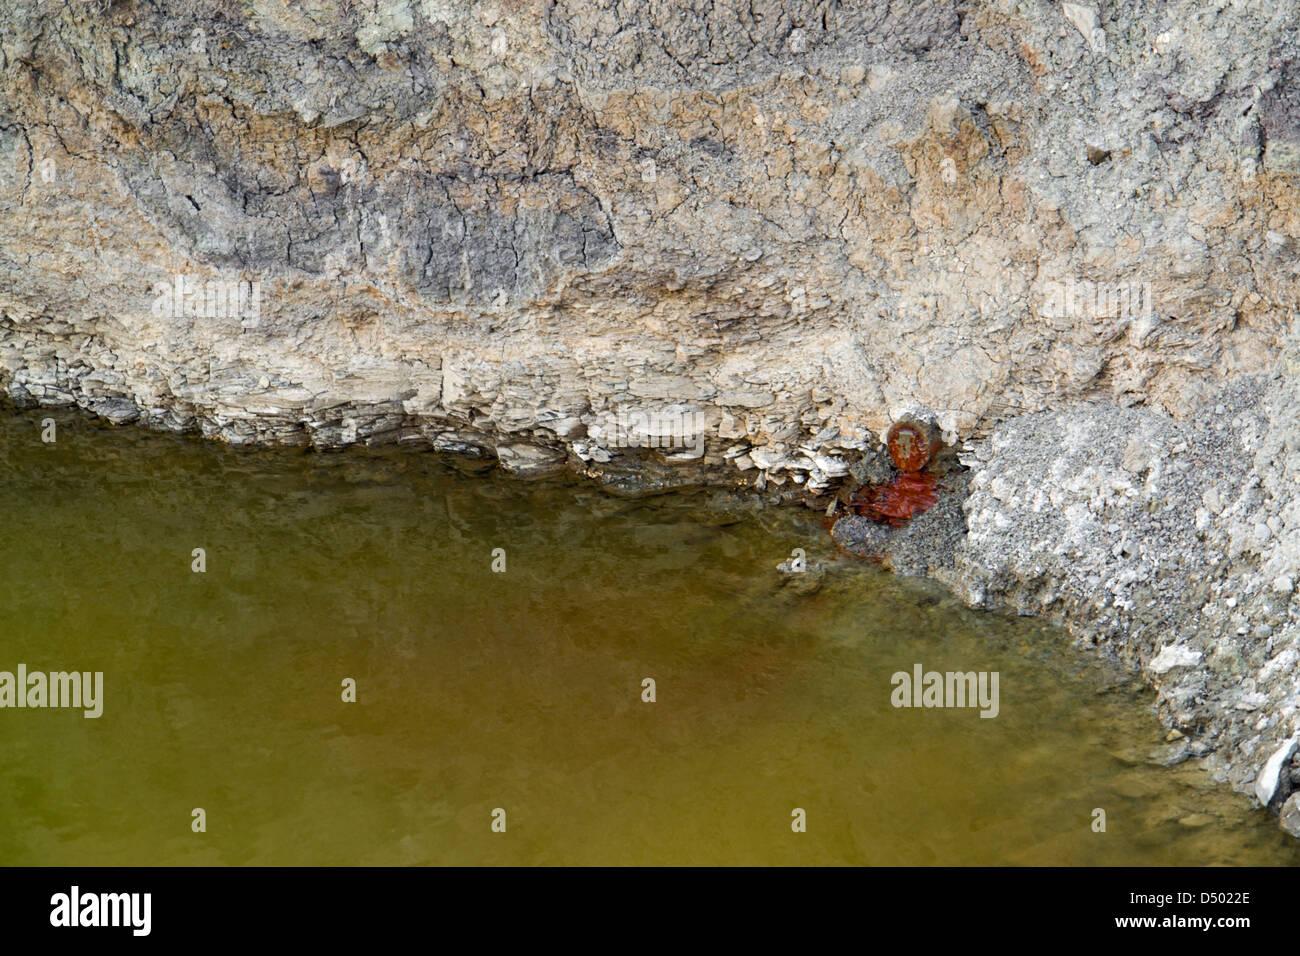 Tema di inquinamento intorno a contaminazione di acqua Immagini Stock